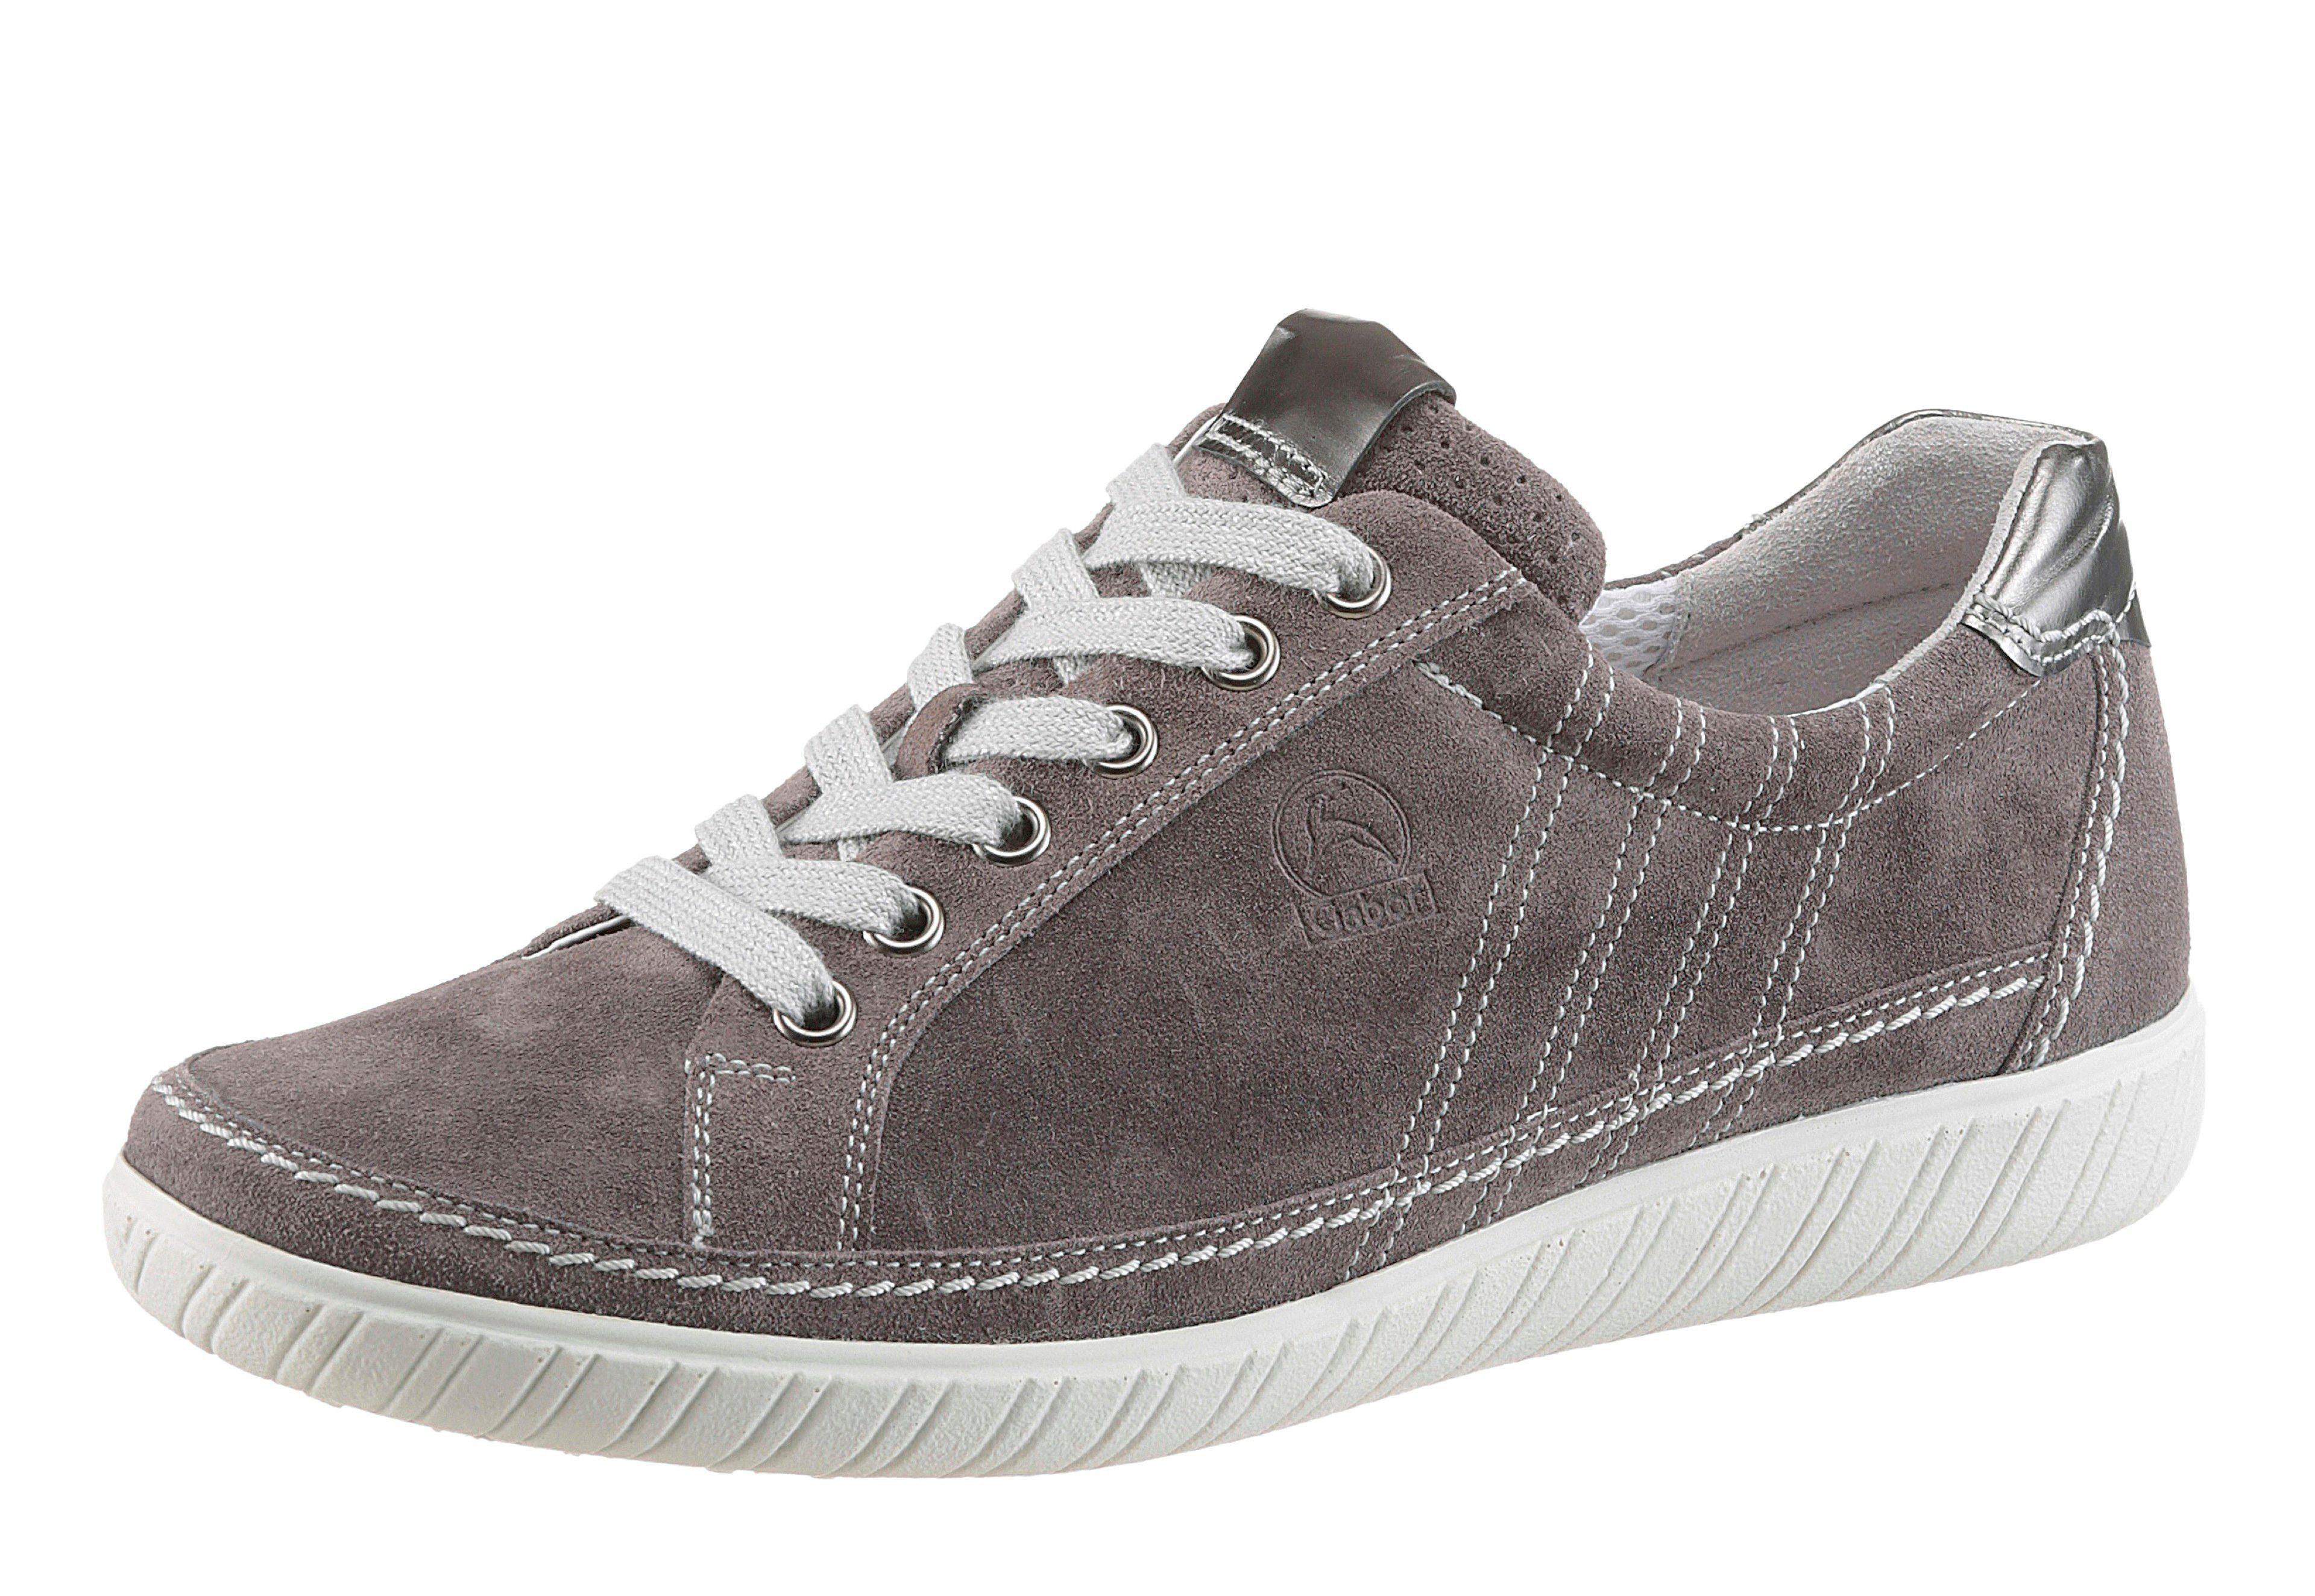 Gabor Sneaker, in Schuhweite G (weit), blau, marine